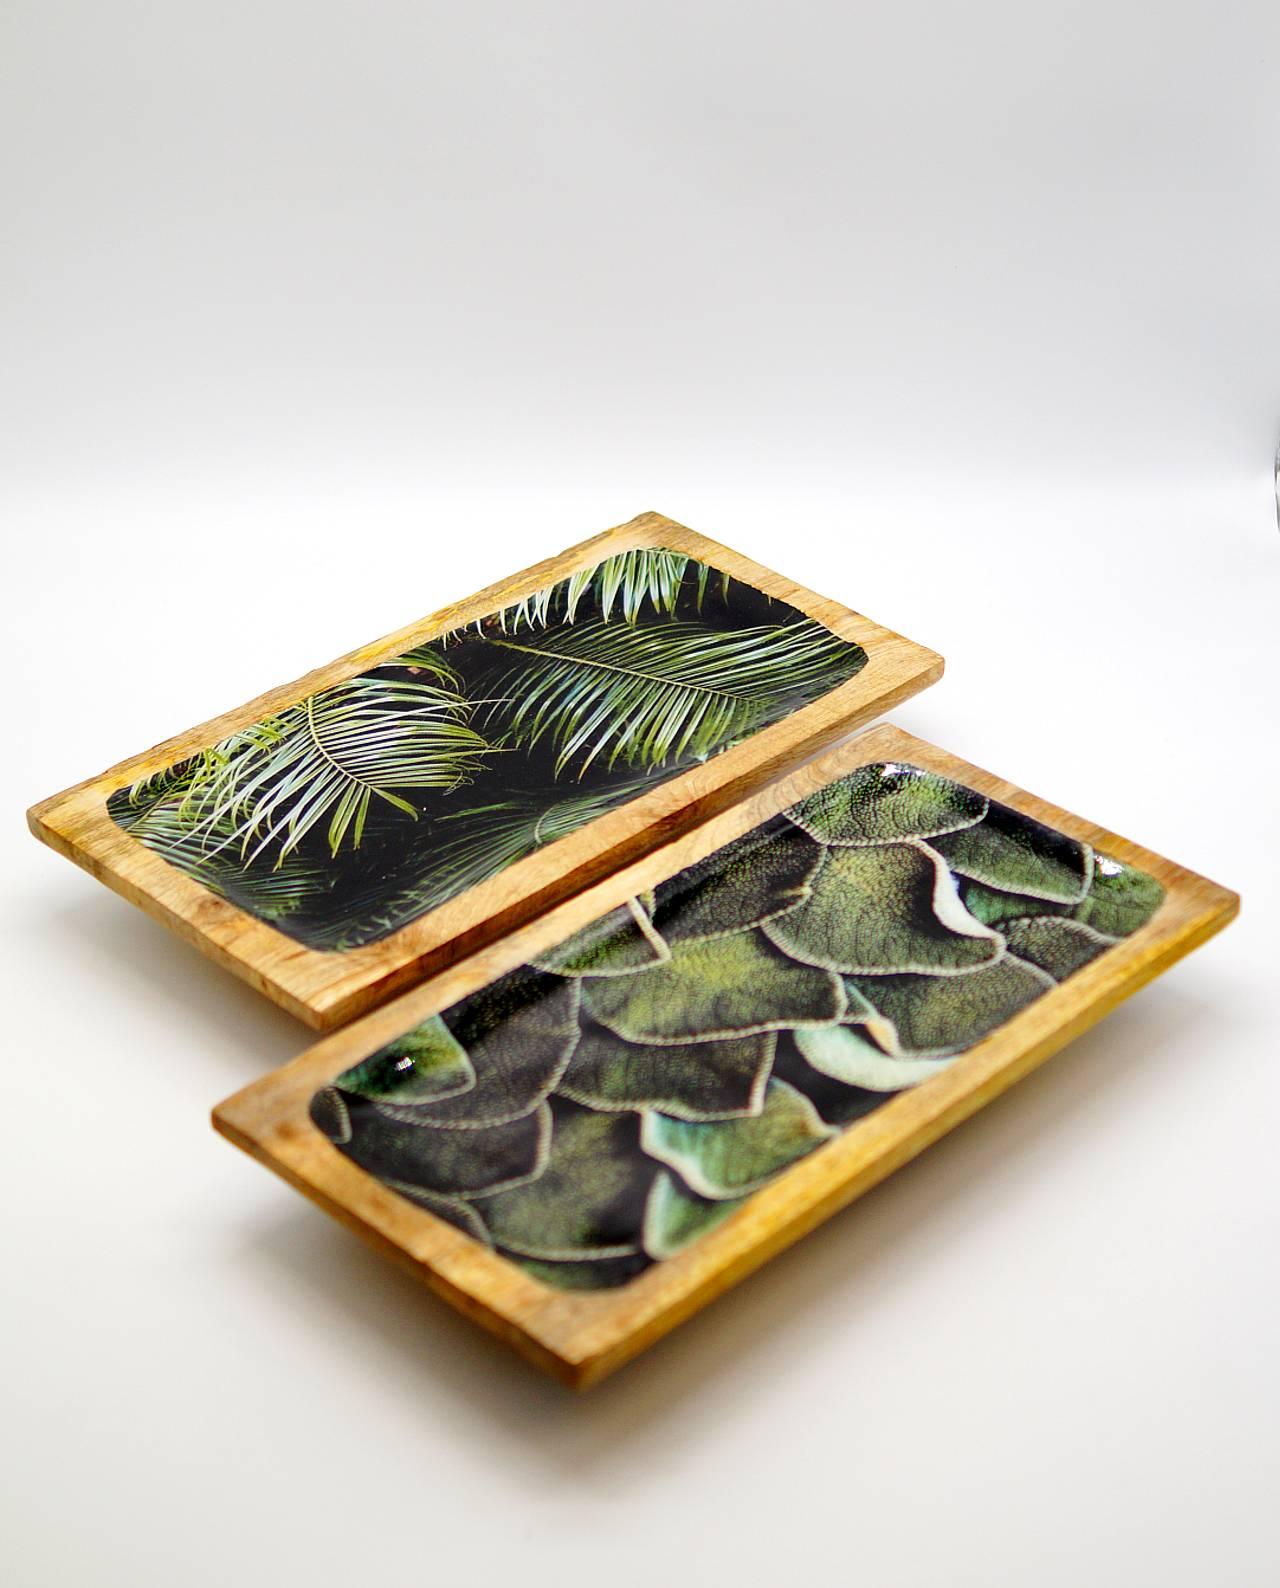 Πιατέλες παραλληλόγραμμες ξύλινες με ζωγραφισμένα φύλλα